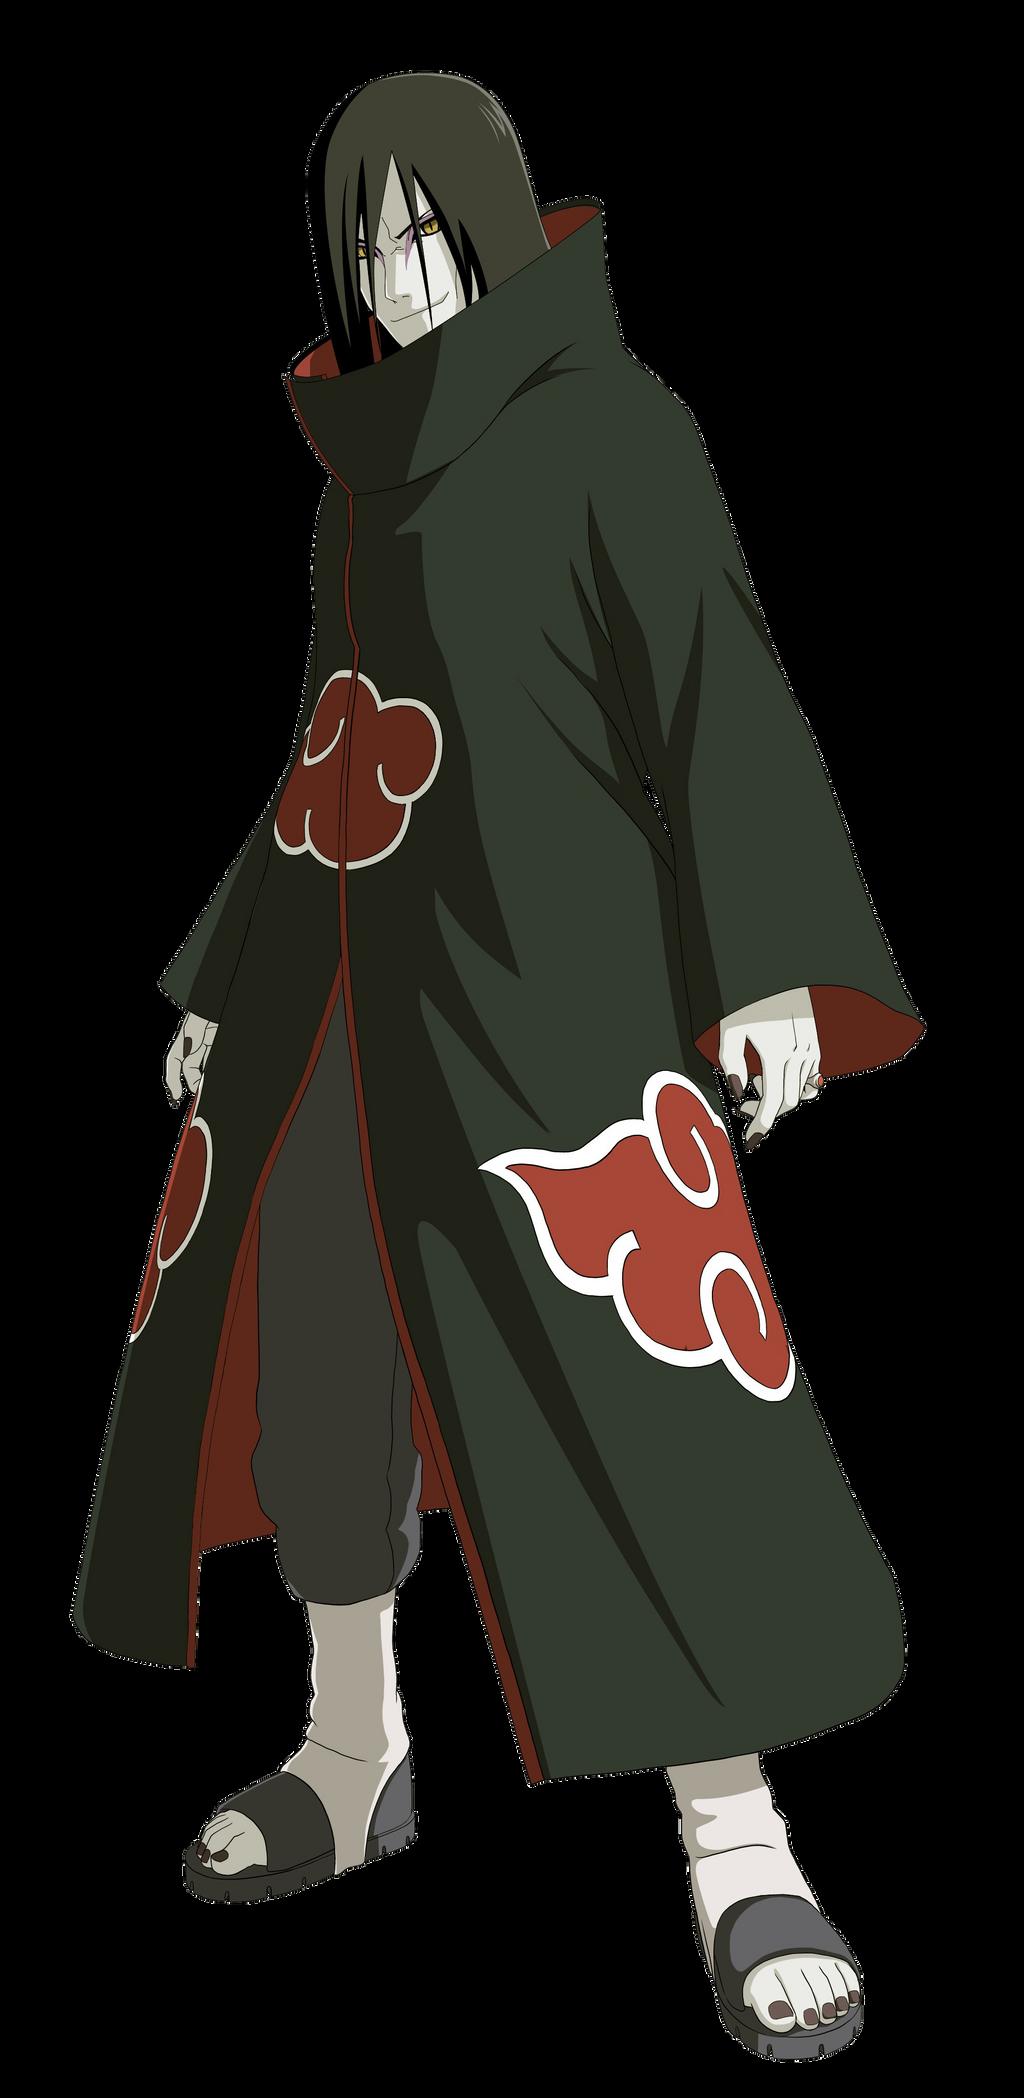 Naruto orochimaru akatsuki